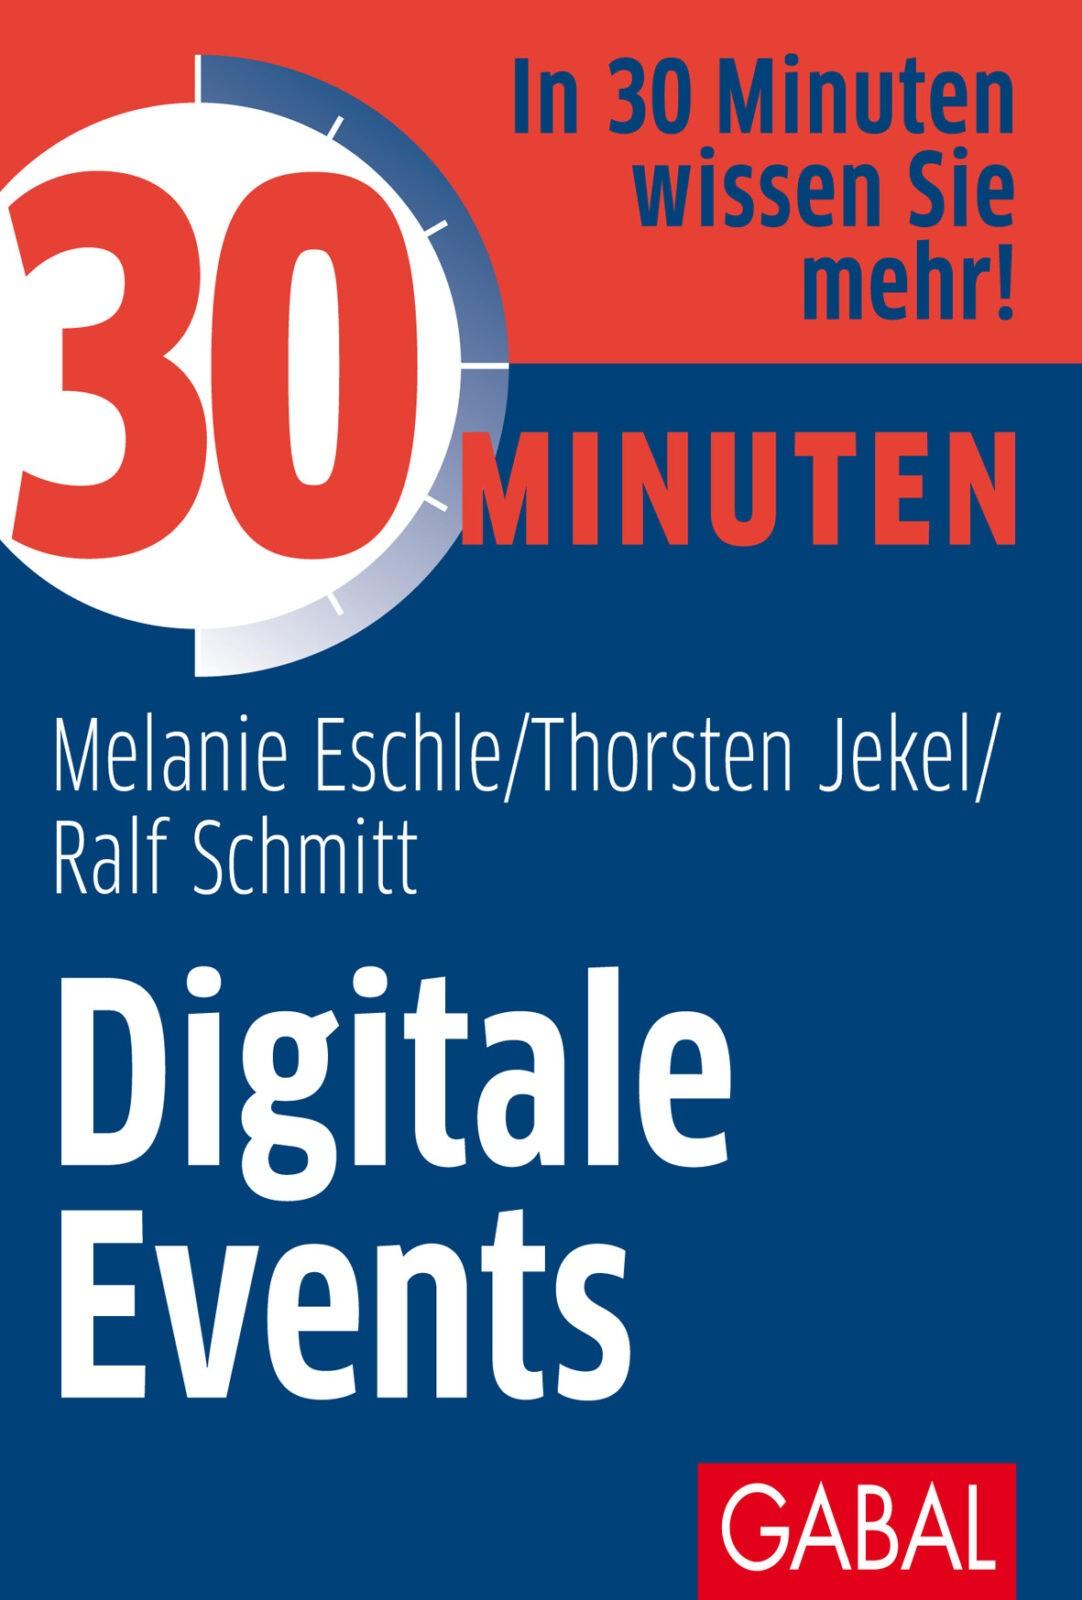 Buchtipp: 30 Minuten Digitale Events